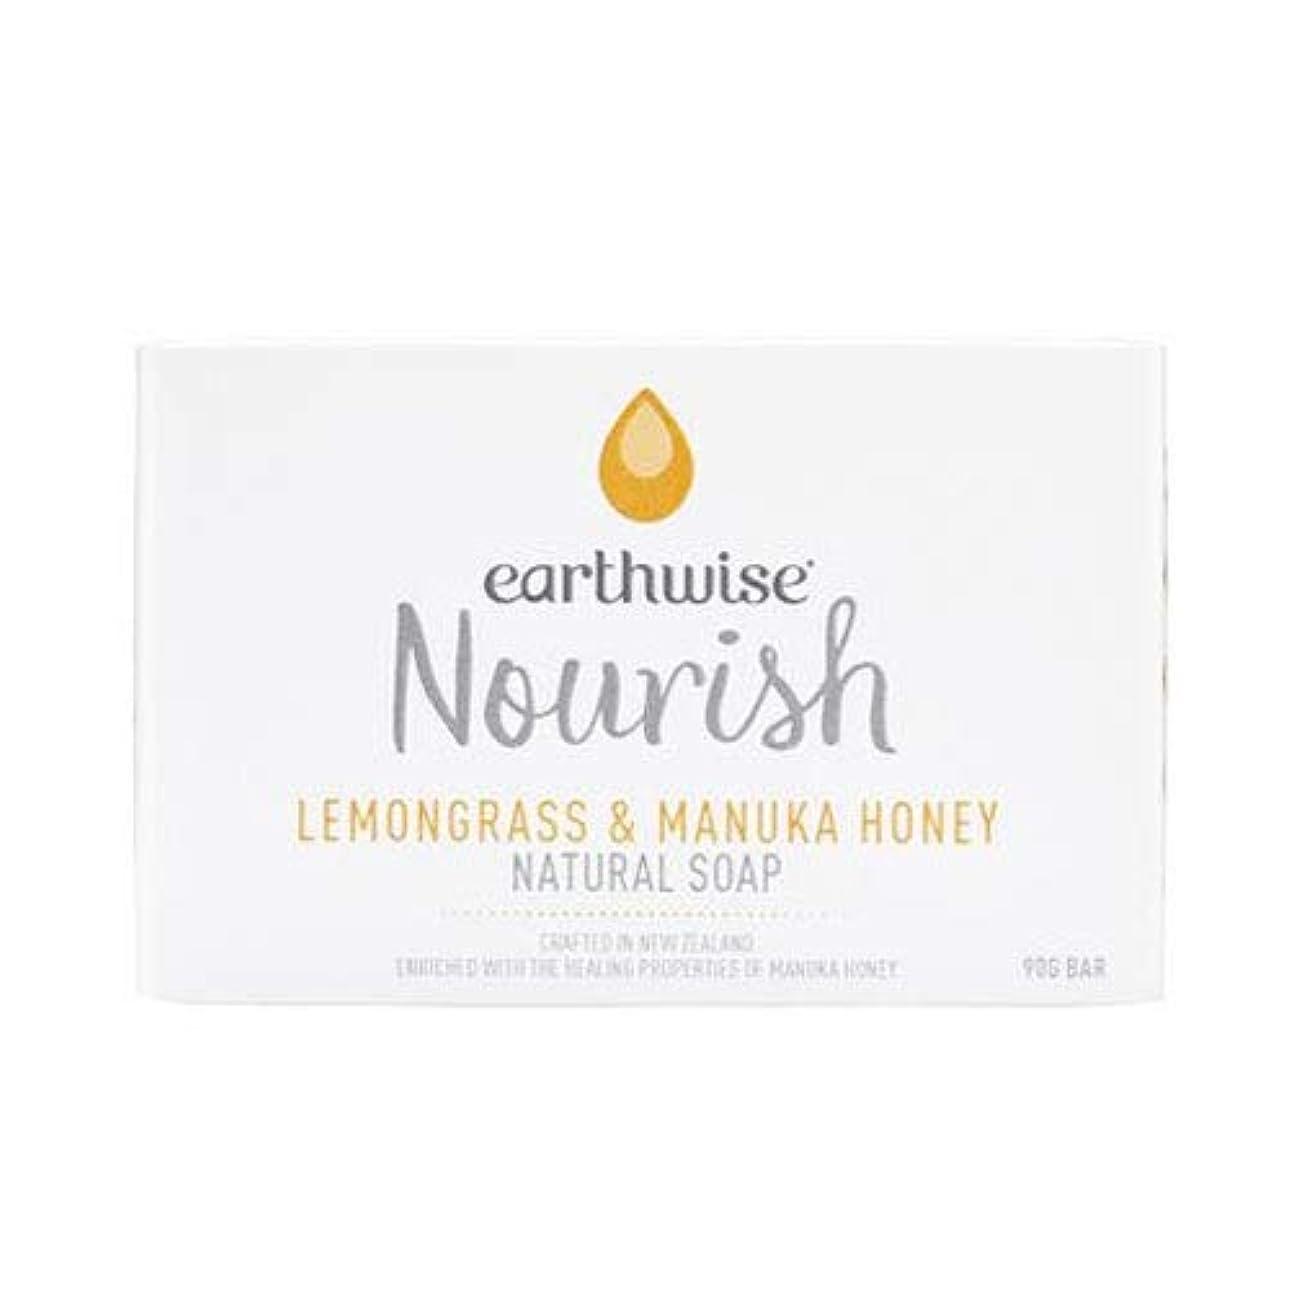 家たるみ経営者earthwise アースワイズ ナチュラルソープ 石鹸 90g (レモングラス&マヌカハニー)